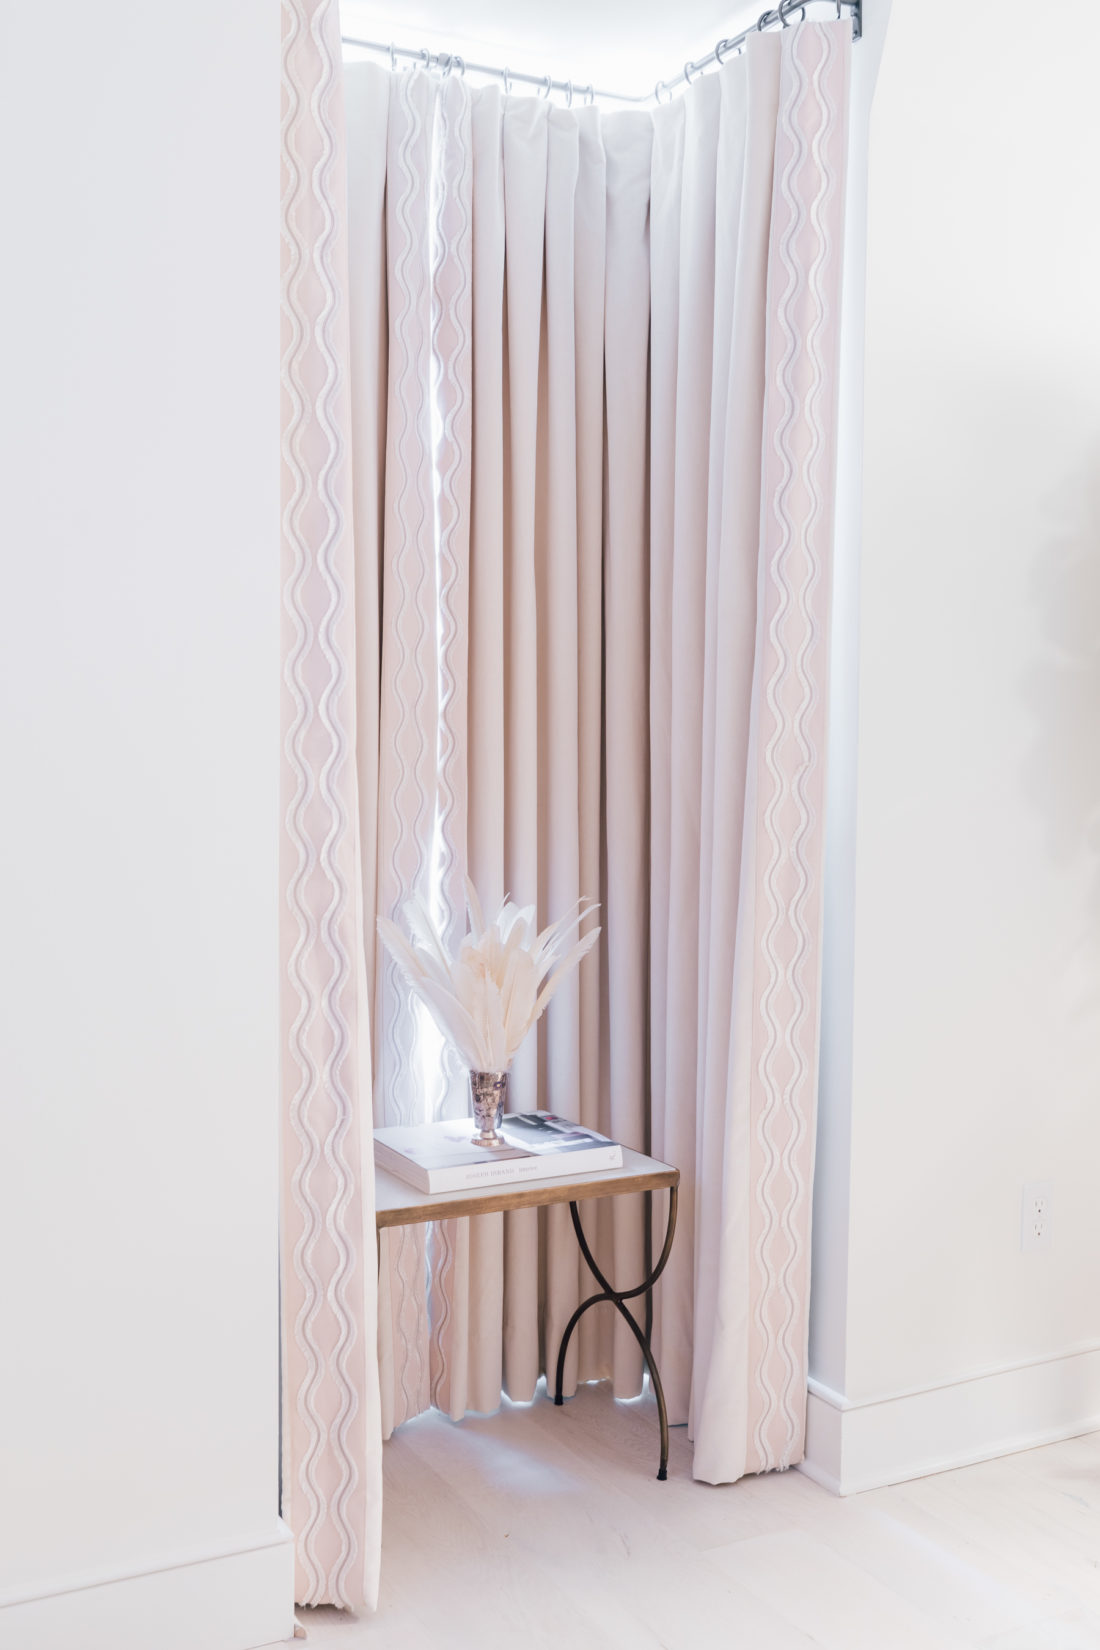 The luxe velvet curtains inside Eva Amurri Martino's brand new master bedroom